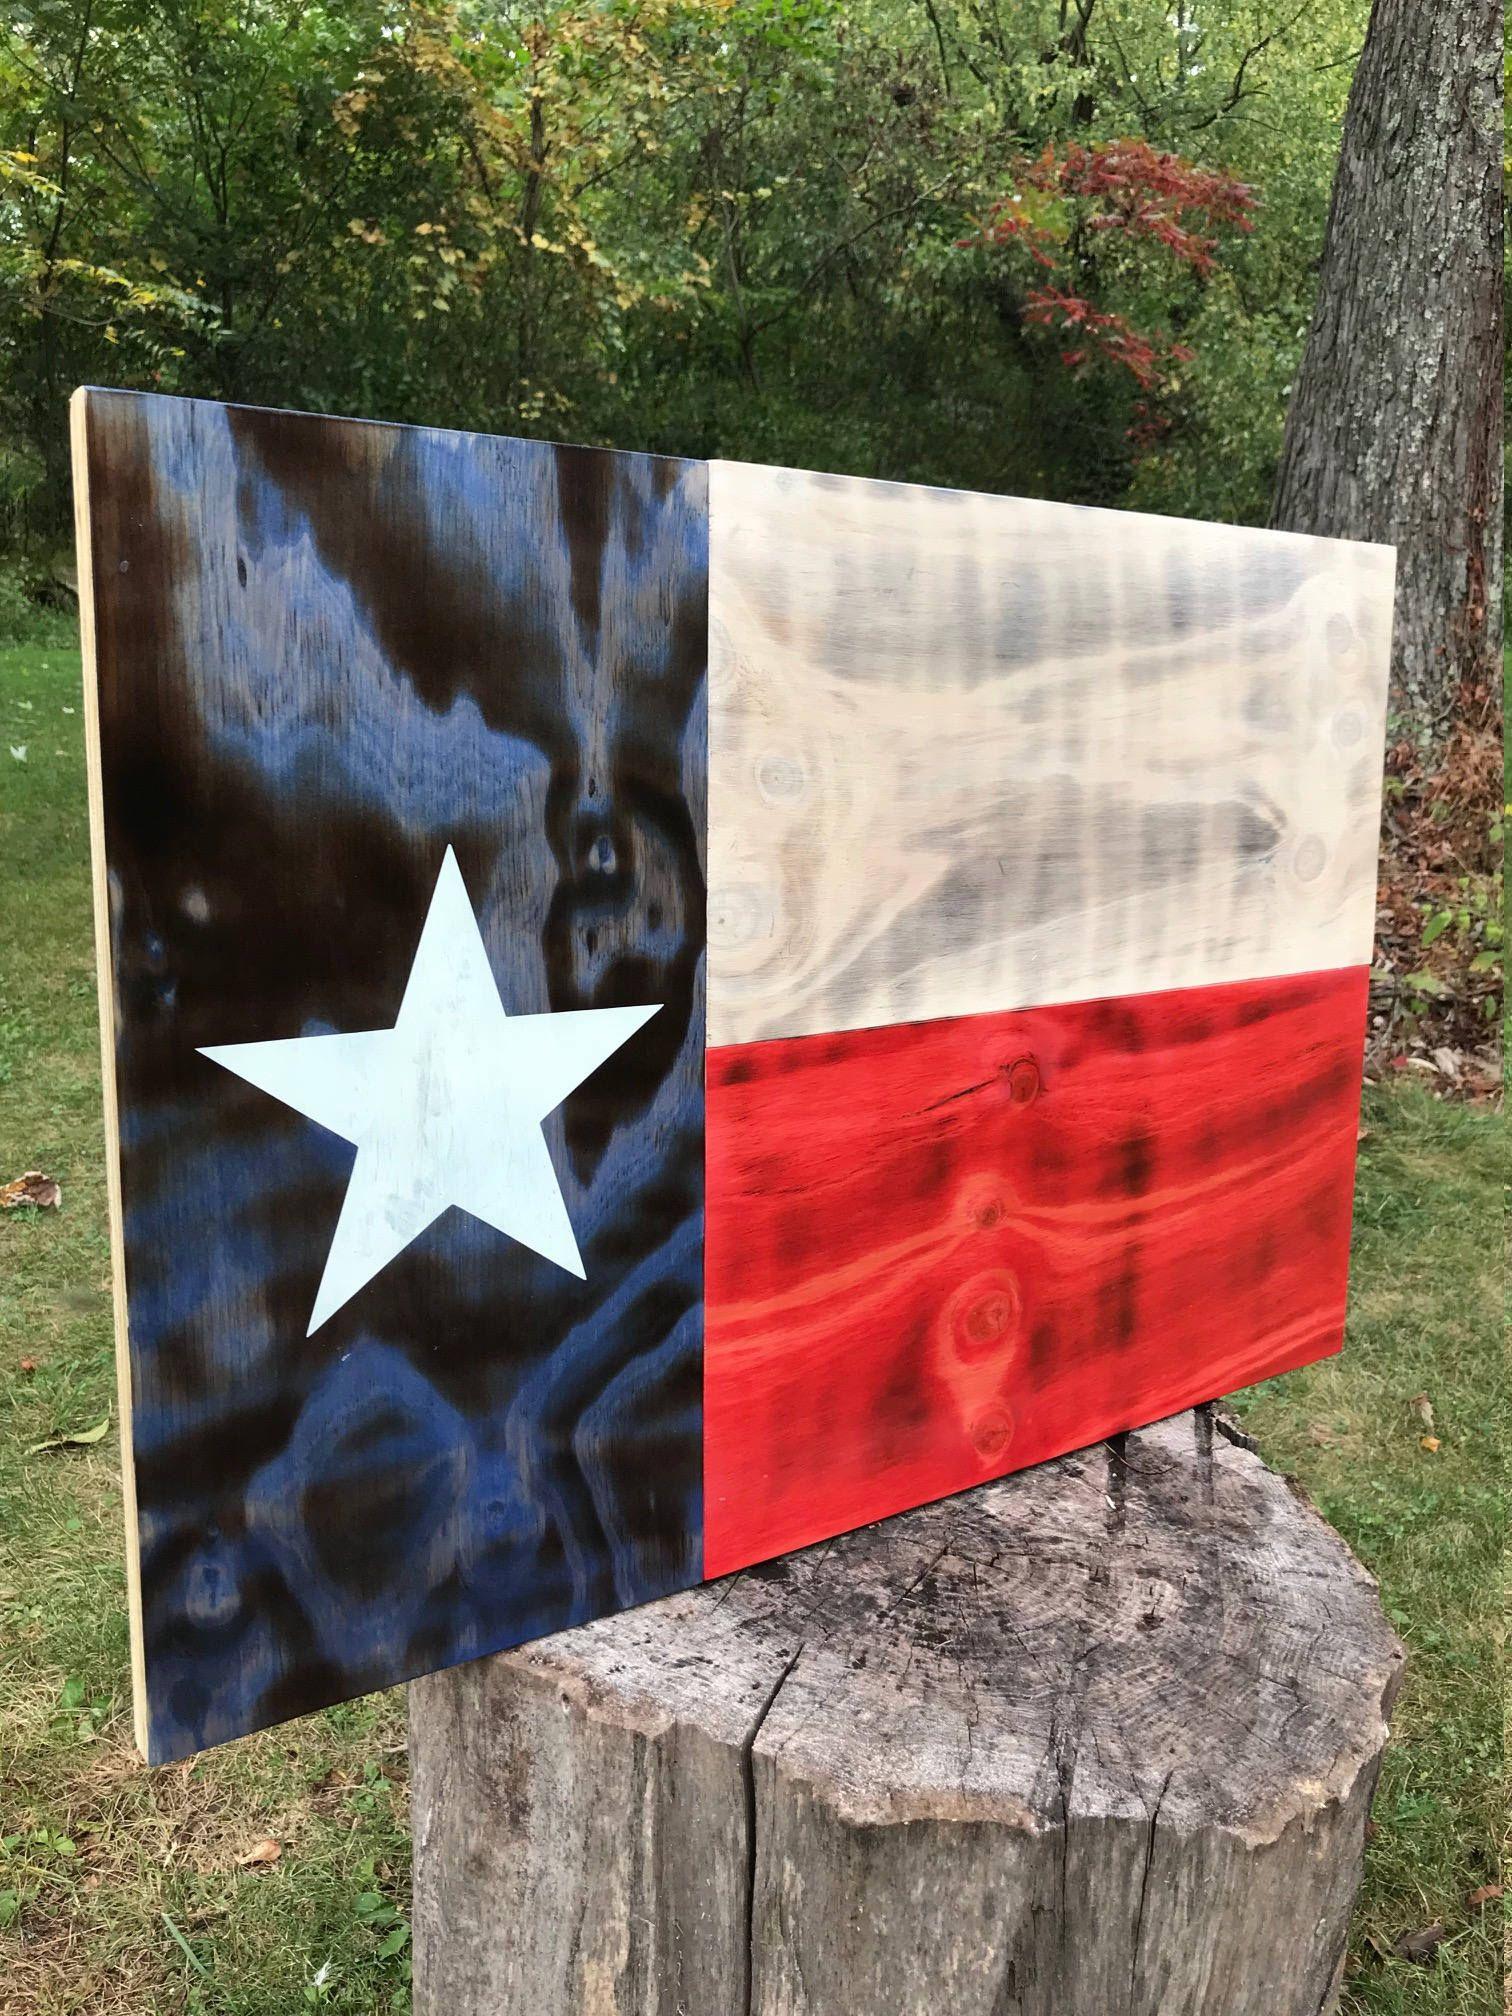 Texas Flag Texas Decor Texas State Flag Wood Texas Flag Wooden Texas Flag American Flag Patriotic Art Rustic Wood Flag Flag In 2020 American Flag Art American Flag Wall Art Wood Flag